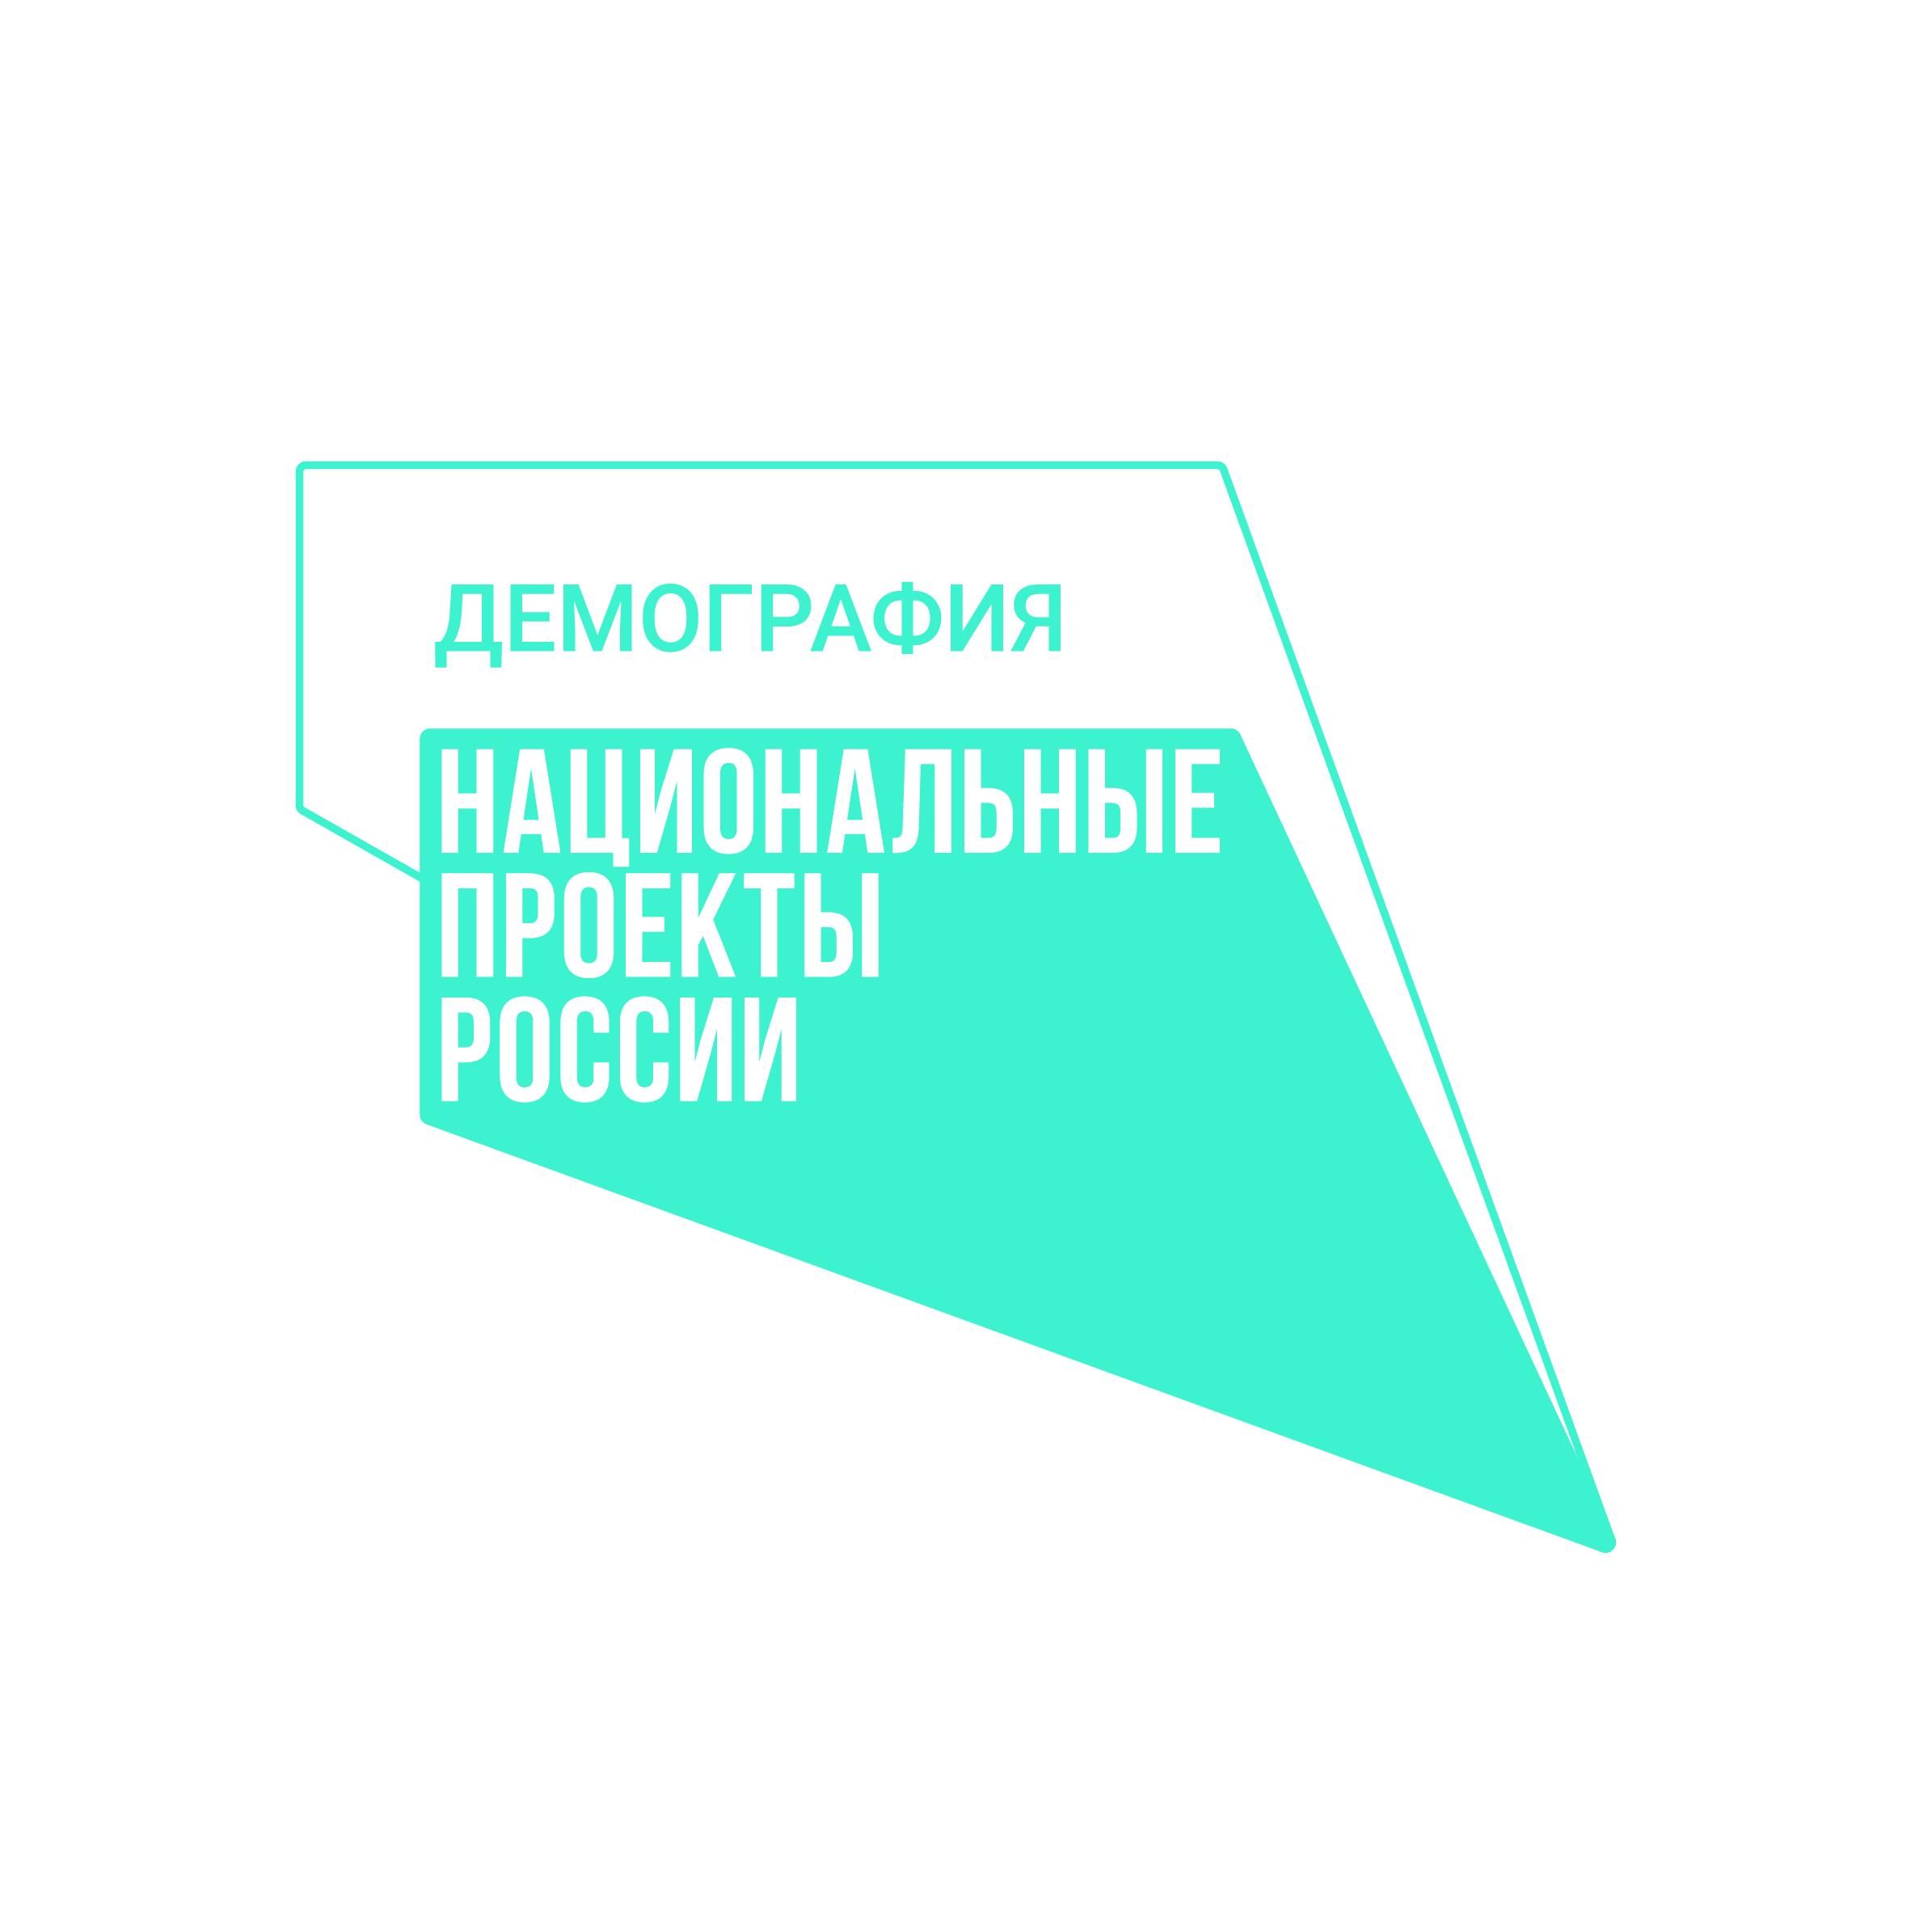 Демография_лого_цвет_на _бел_прав